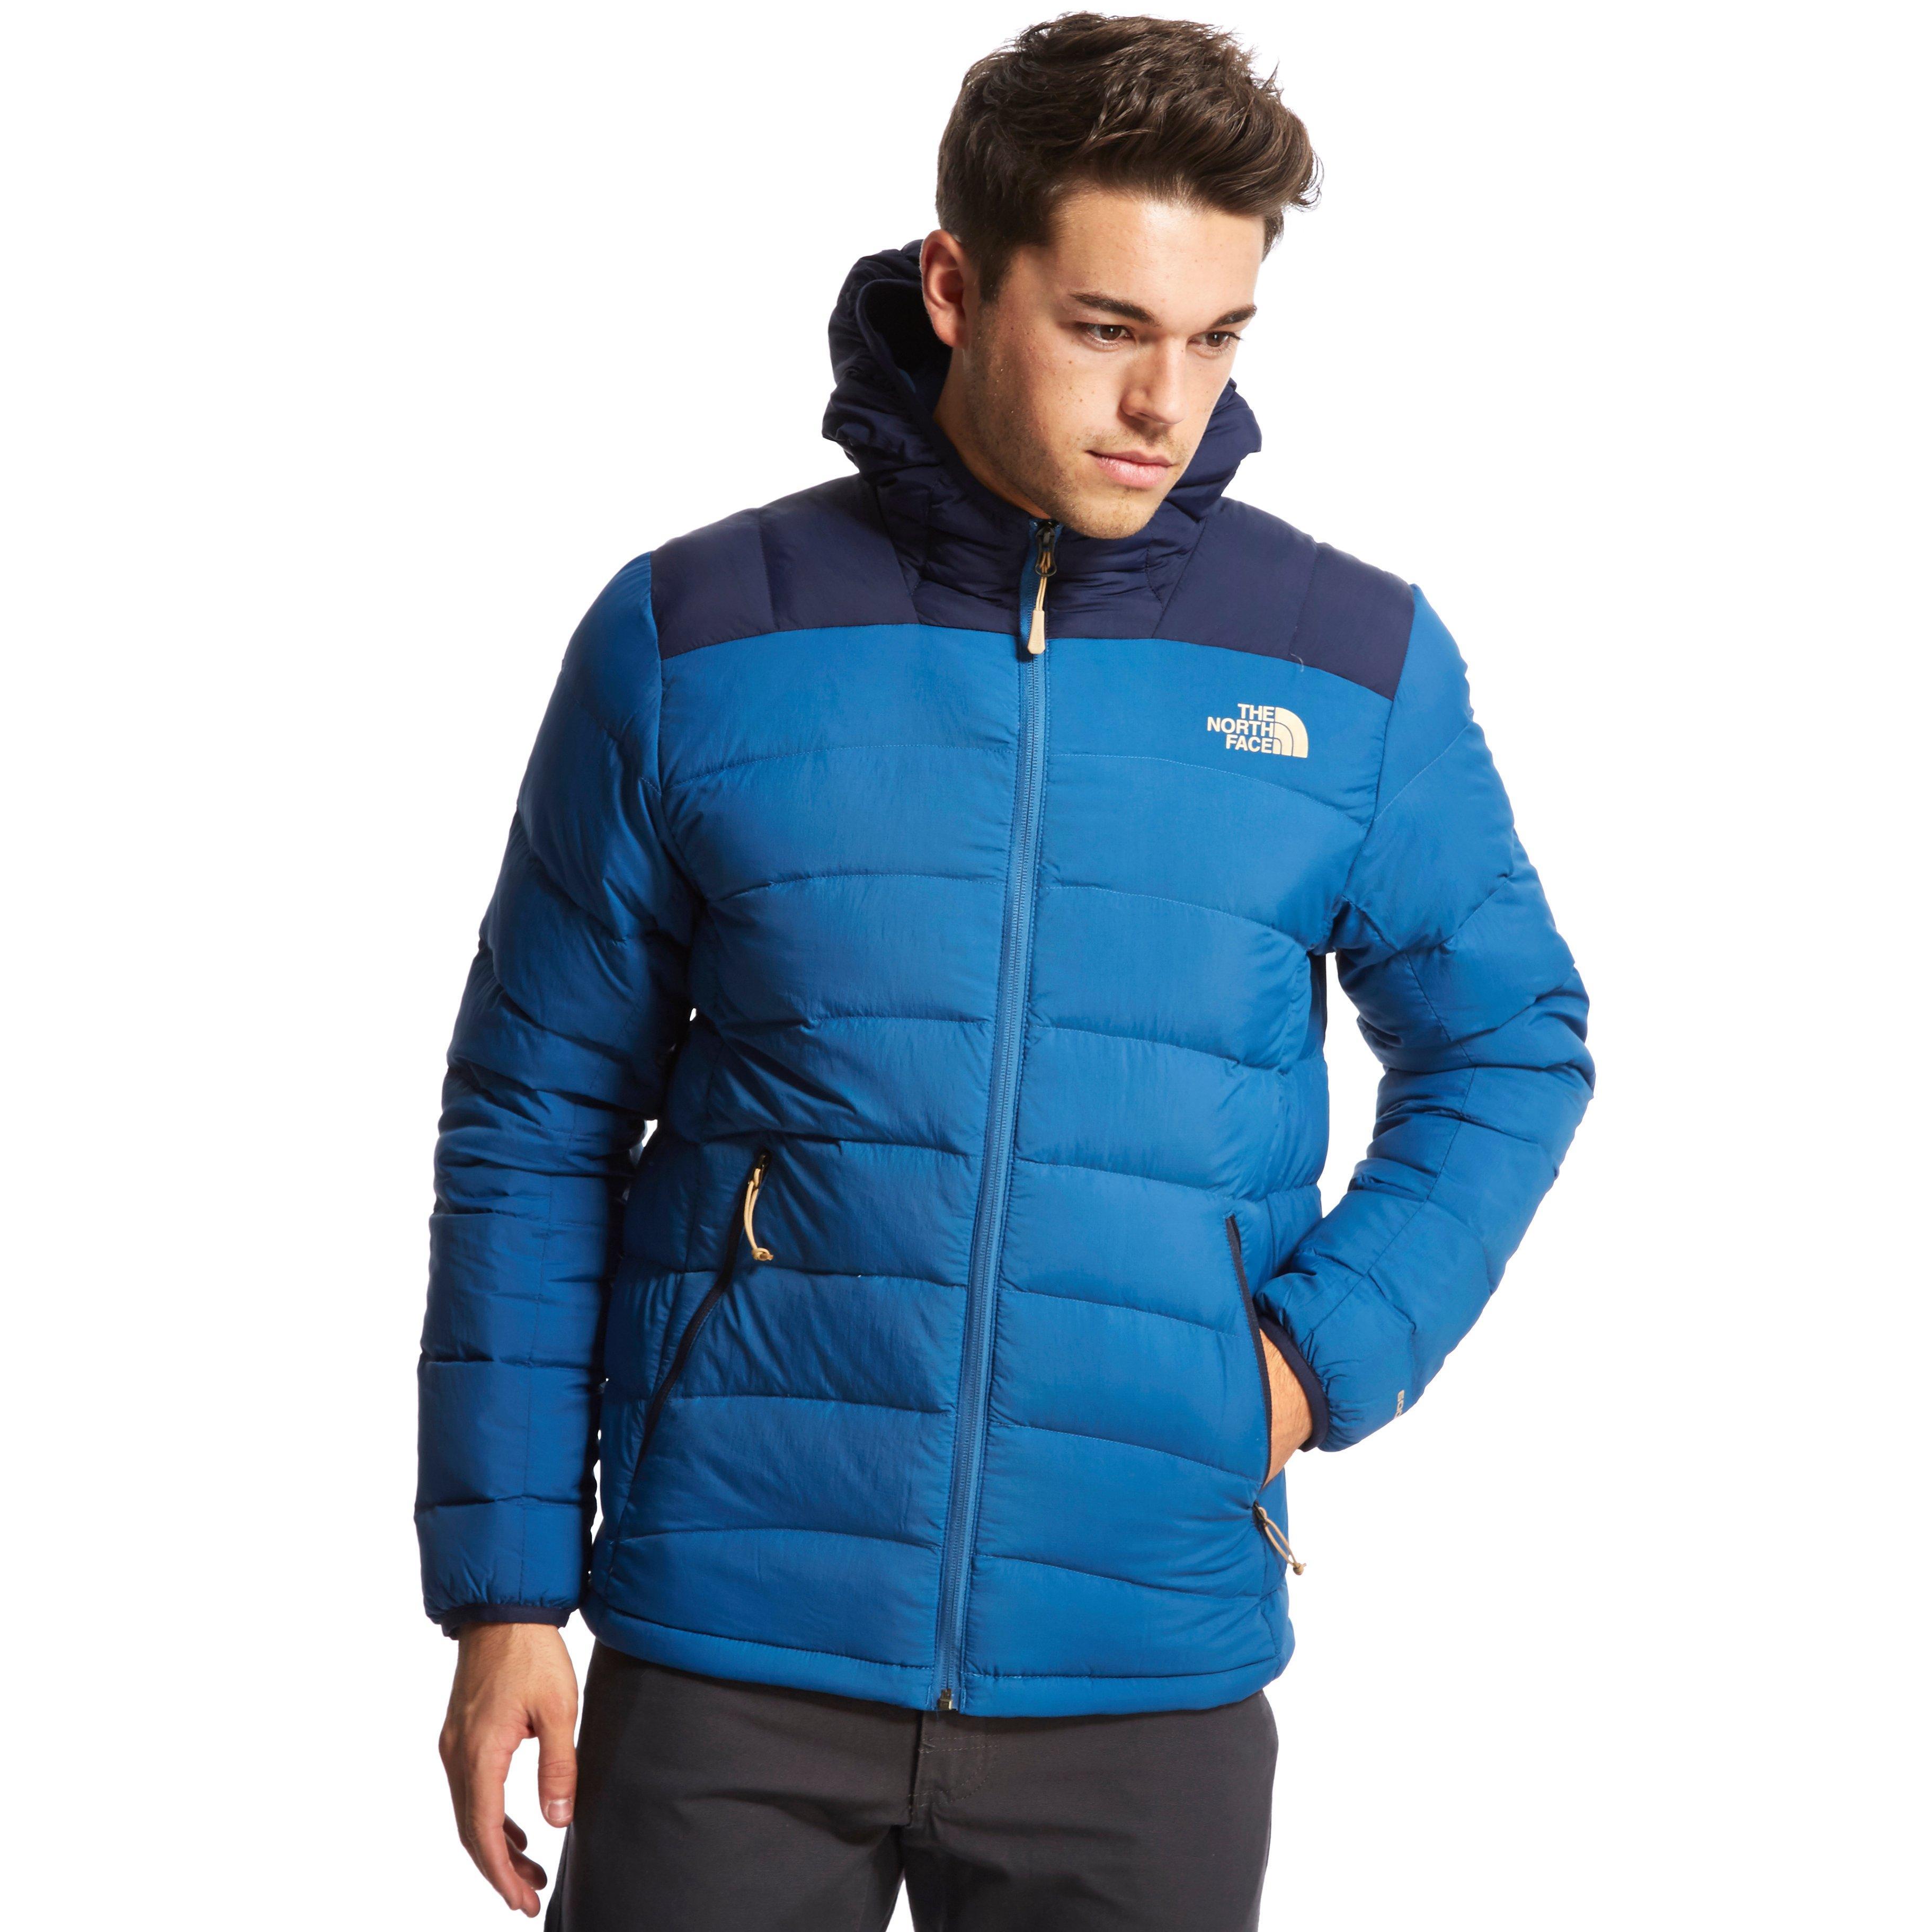 The North Face Mens La Paz Down Jacket Blue